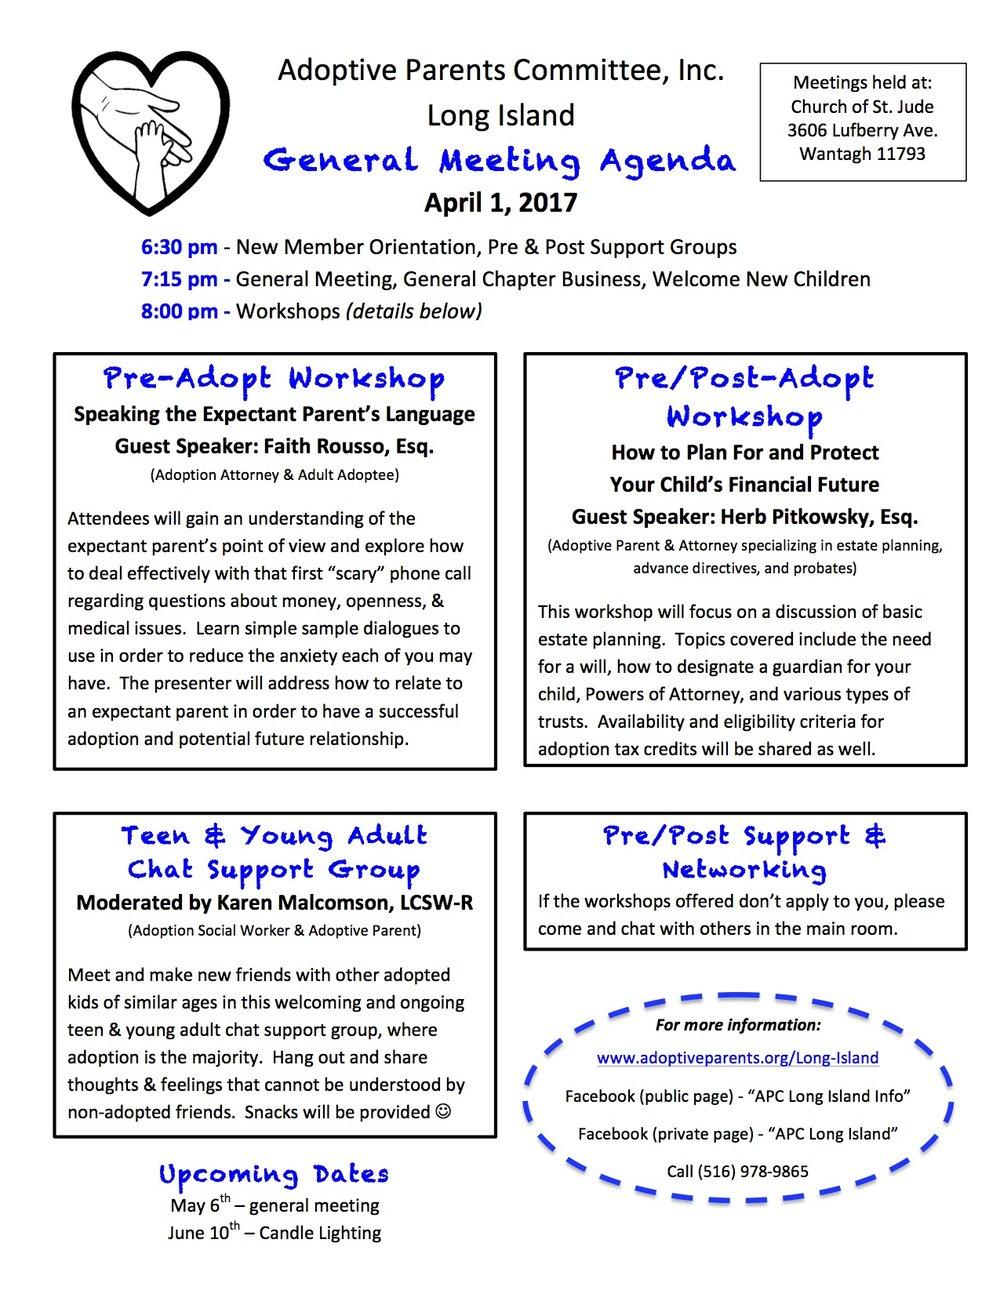 4-2017 agenda